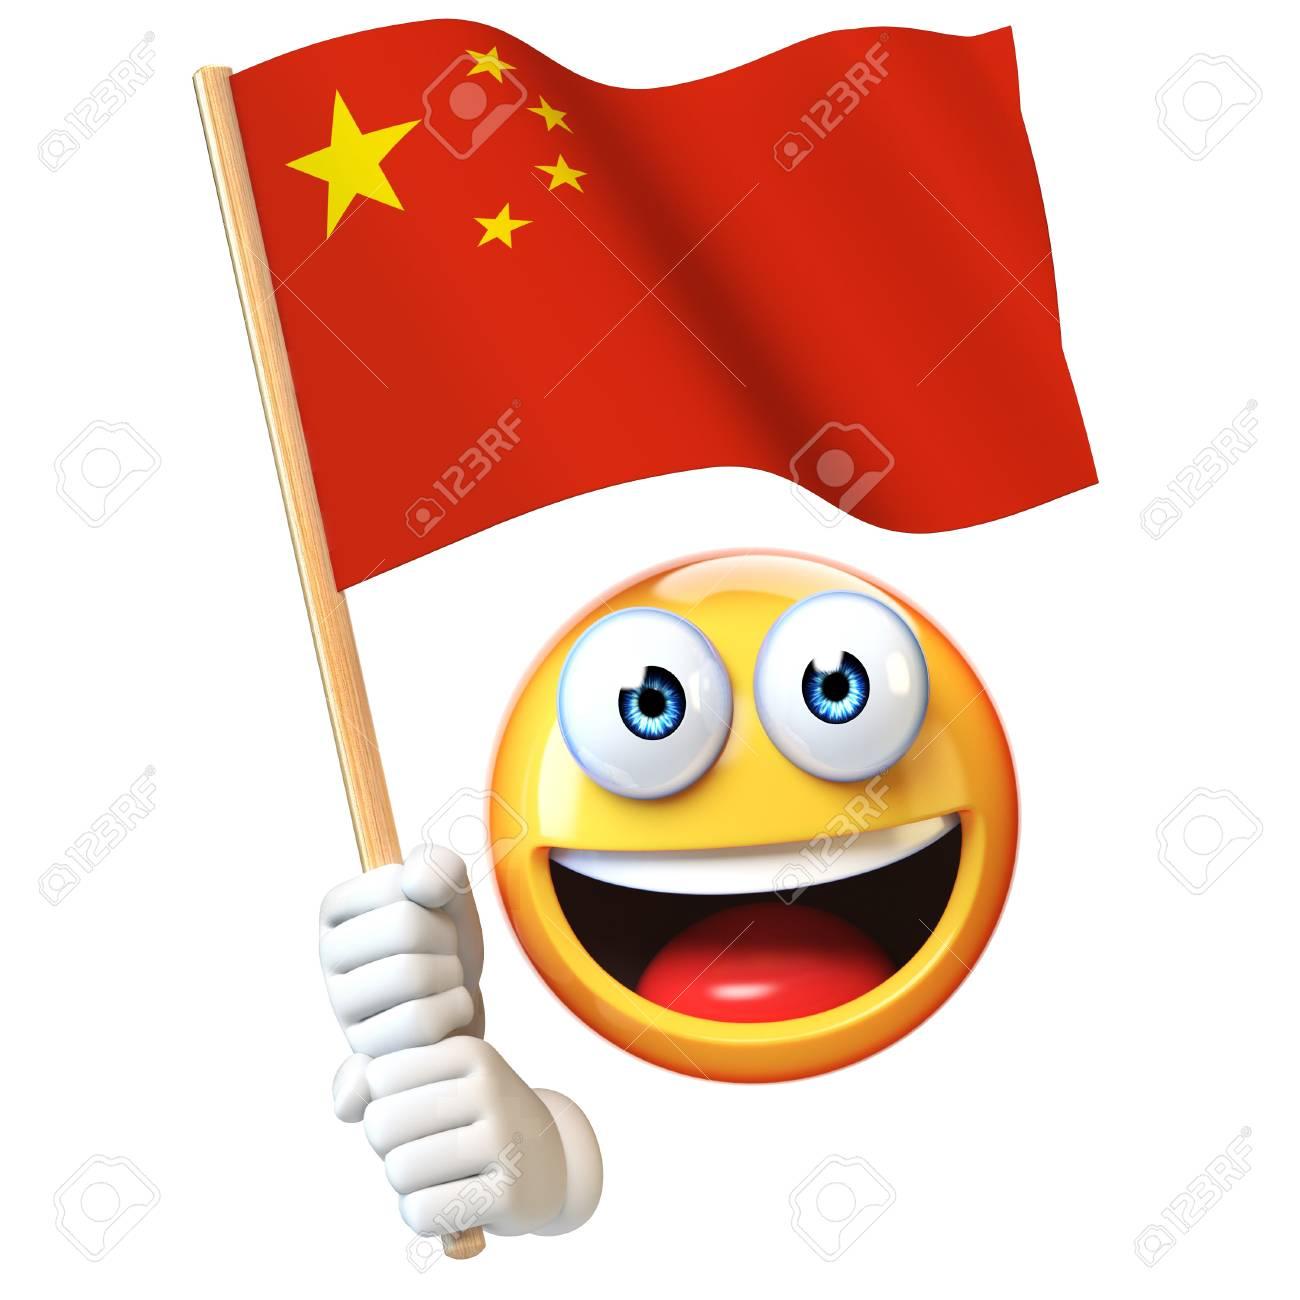 Emoji Tenant Le Drapeau Chinois Emoticone Agitant Le Drapeau National De La Chine Rendu 3d Banque D Images Et Photos Libres De Droits Image 93961806